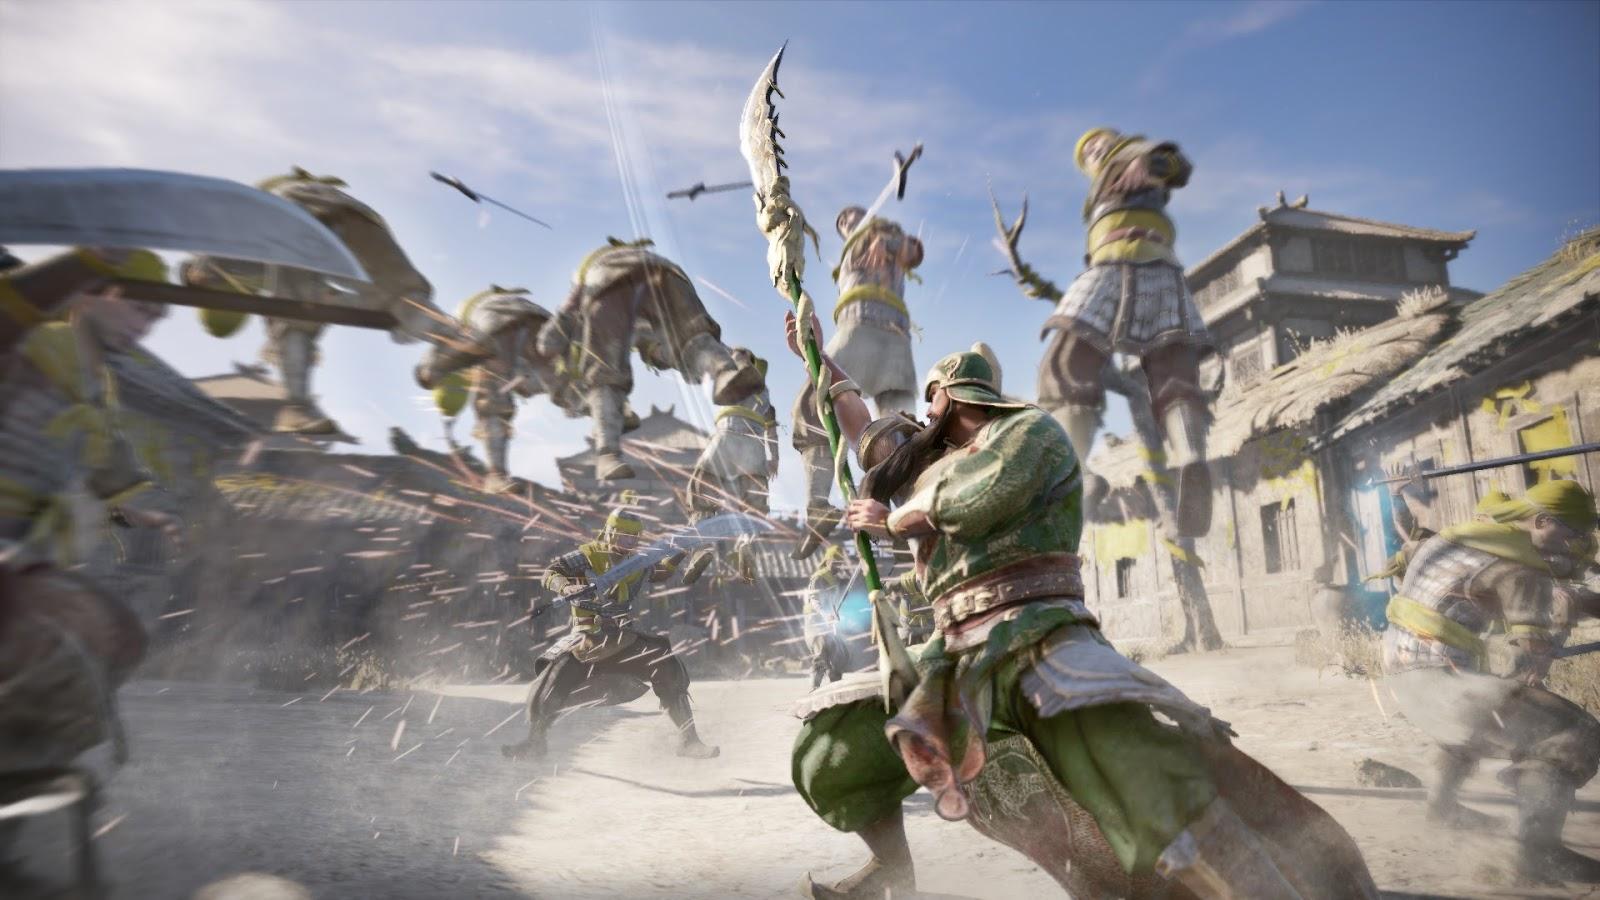 Dinasty Warriors 9 confirma plataformas y desvela personajes novedosos 5